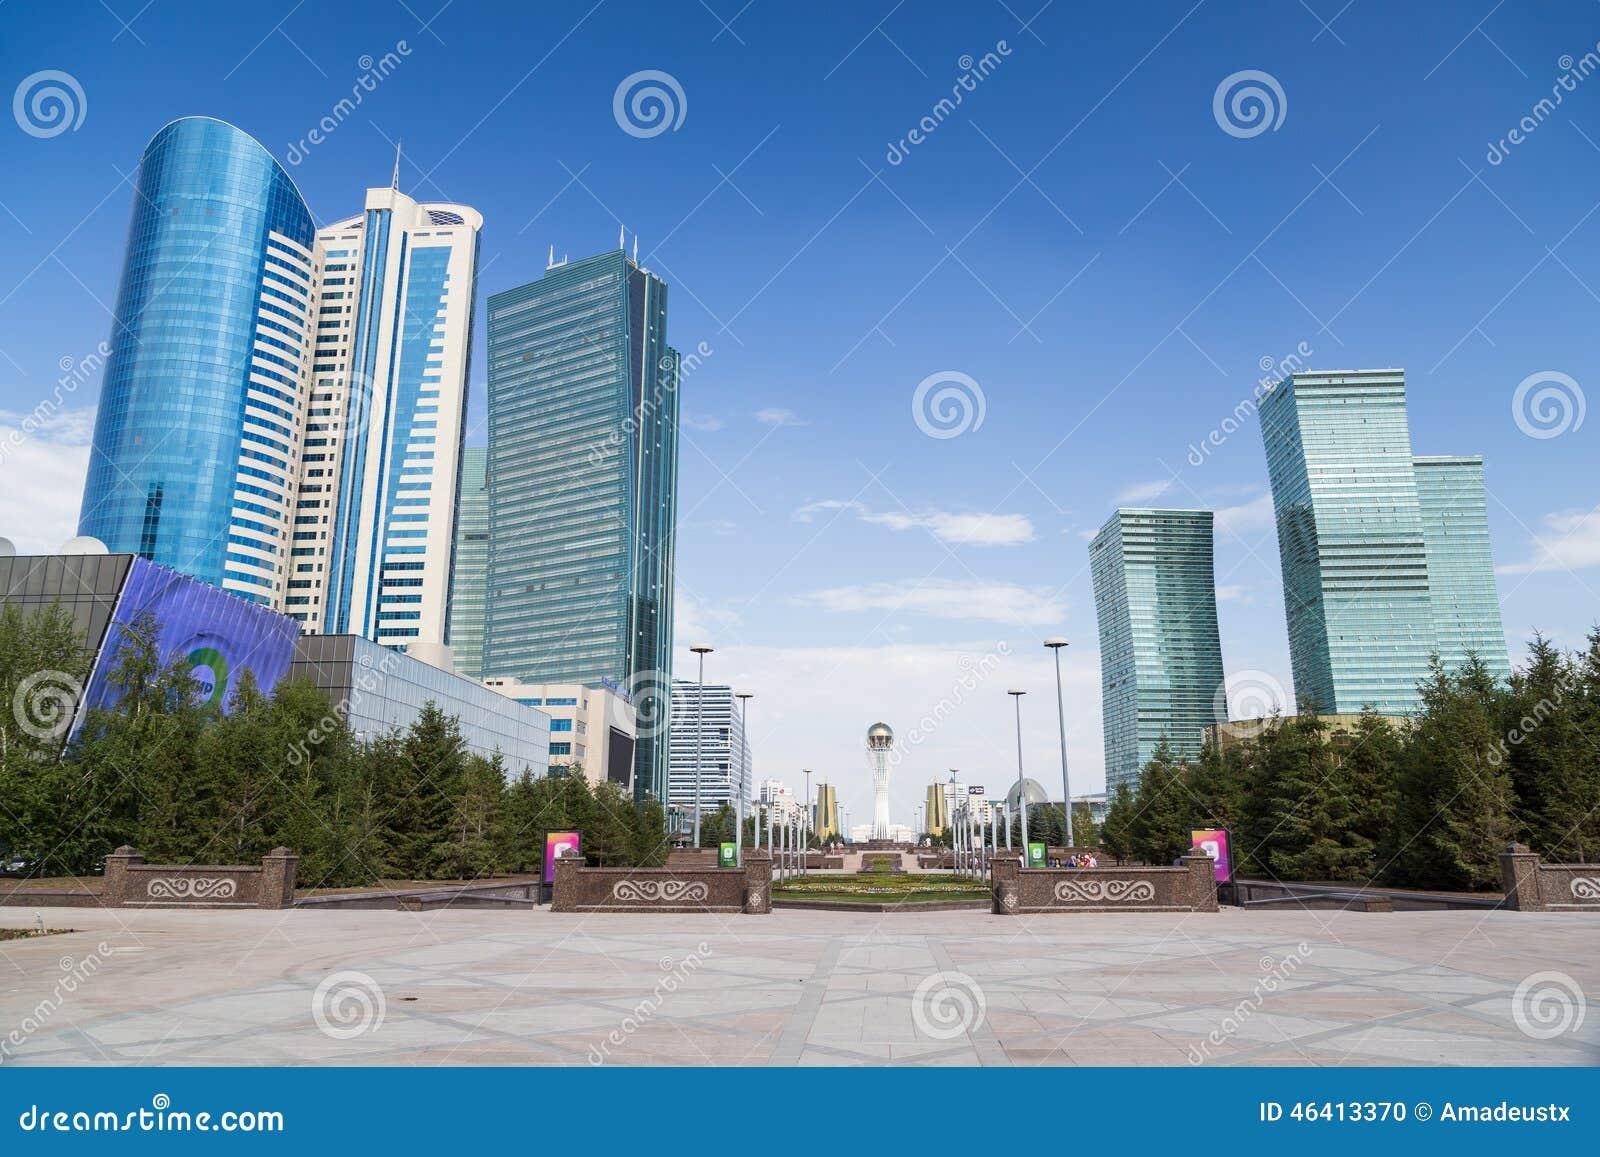 Arranha-céus em Astana, Cazaquistão